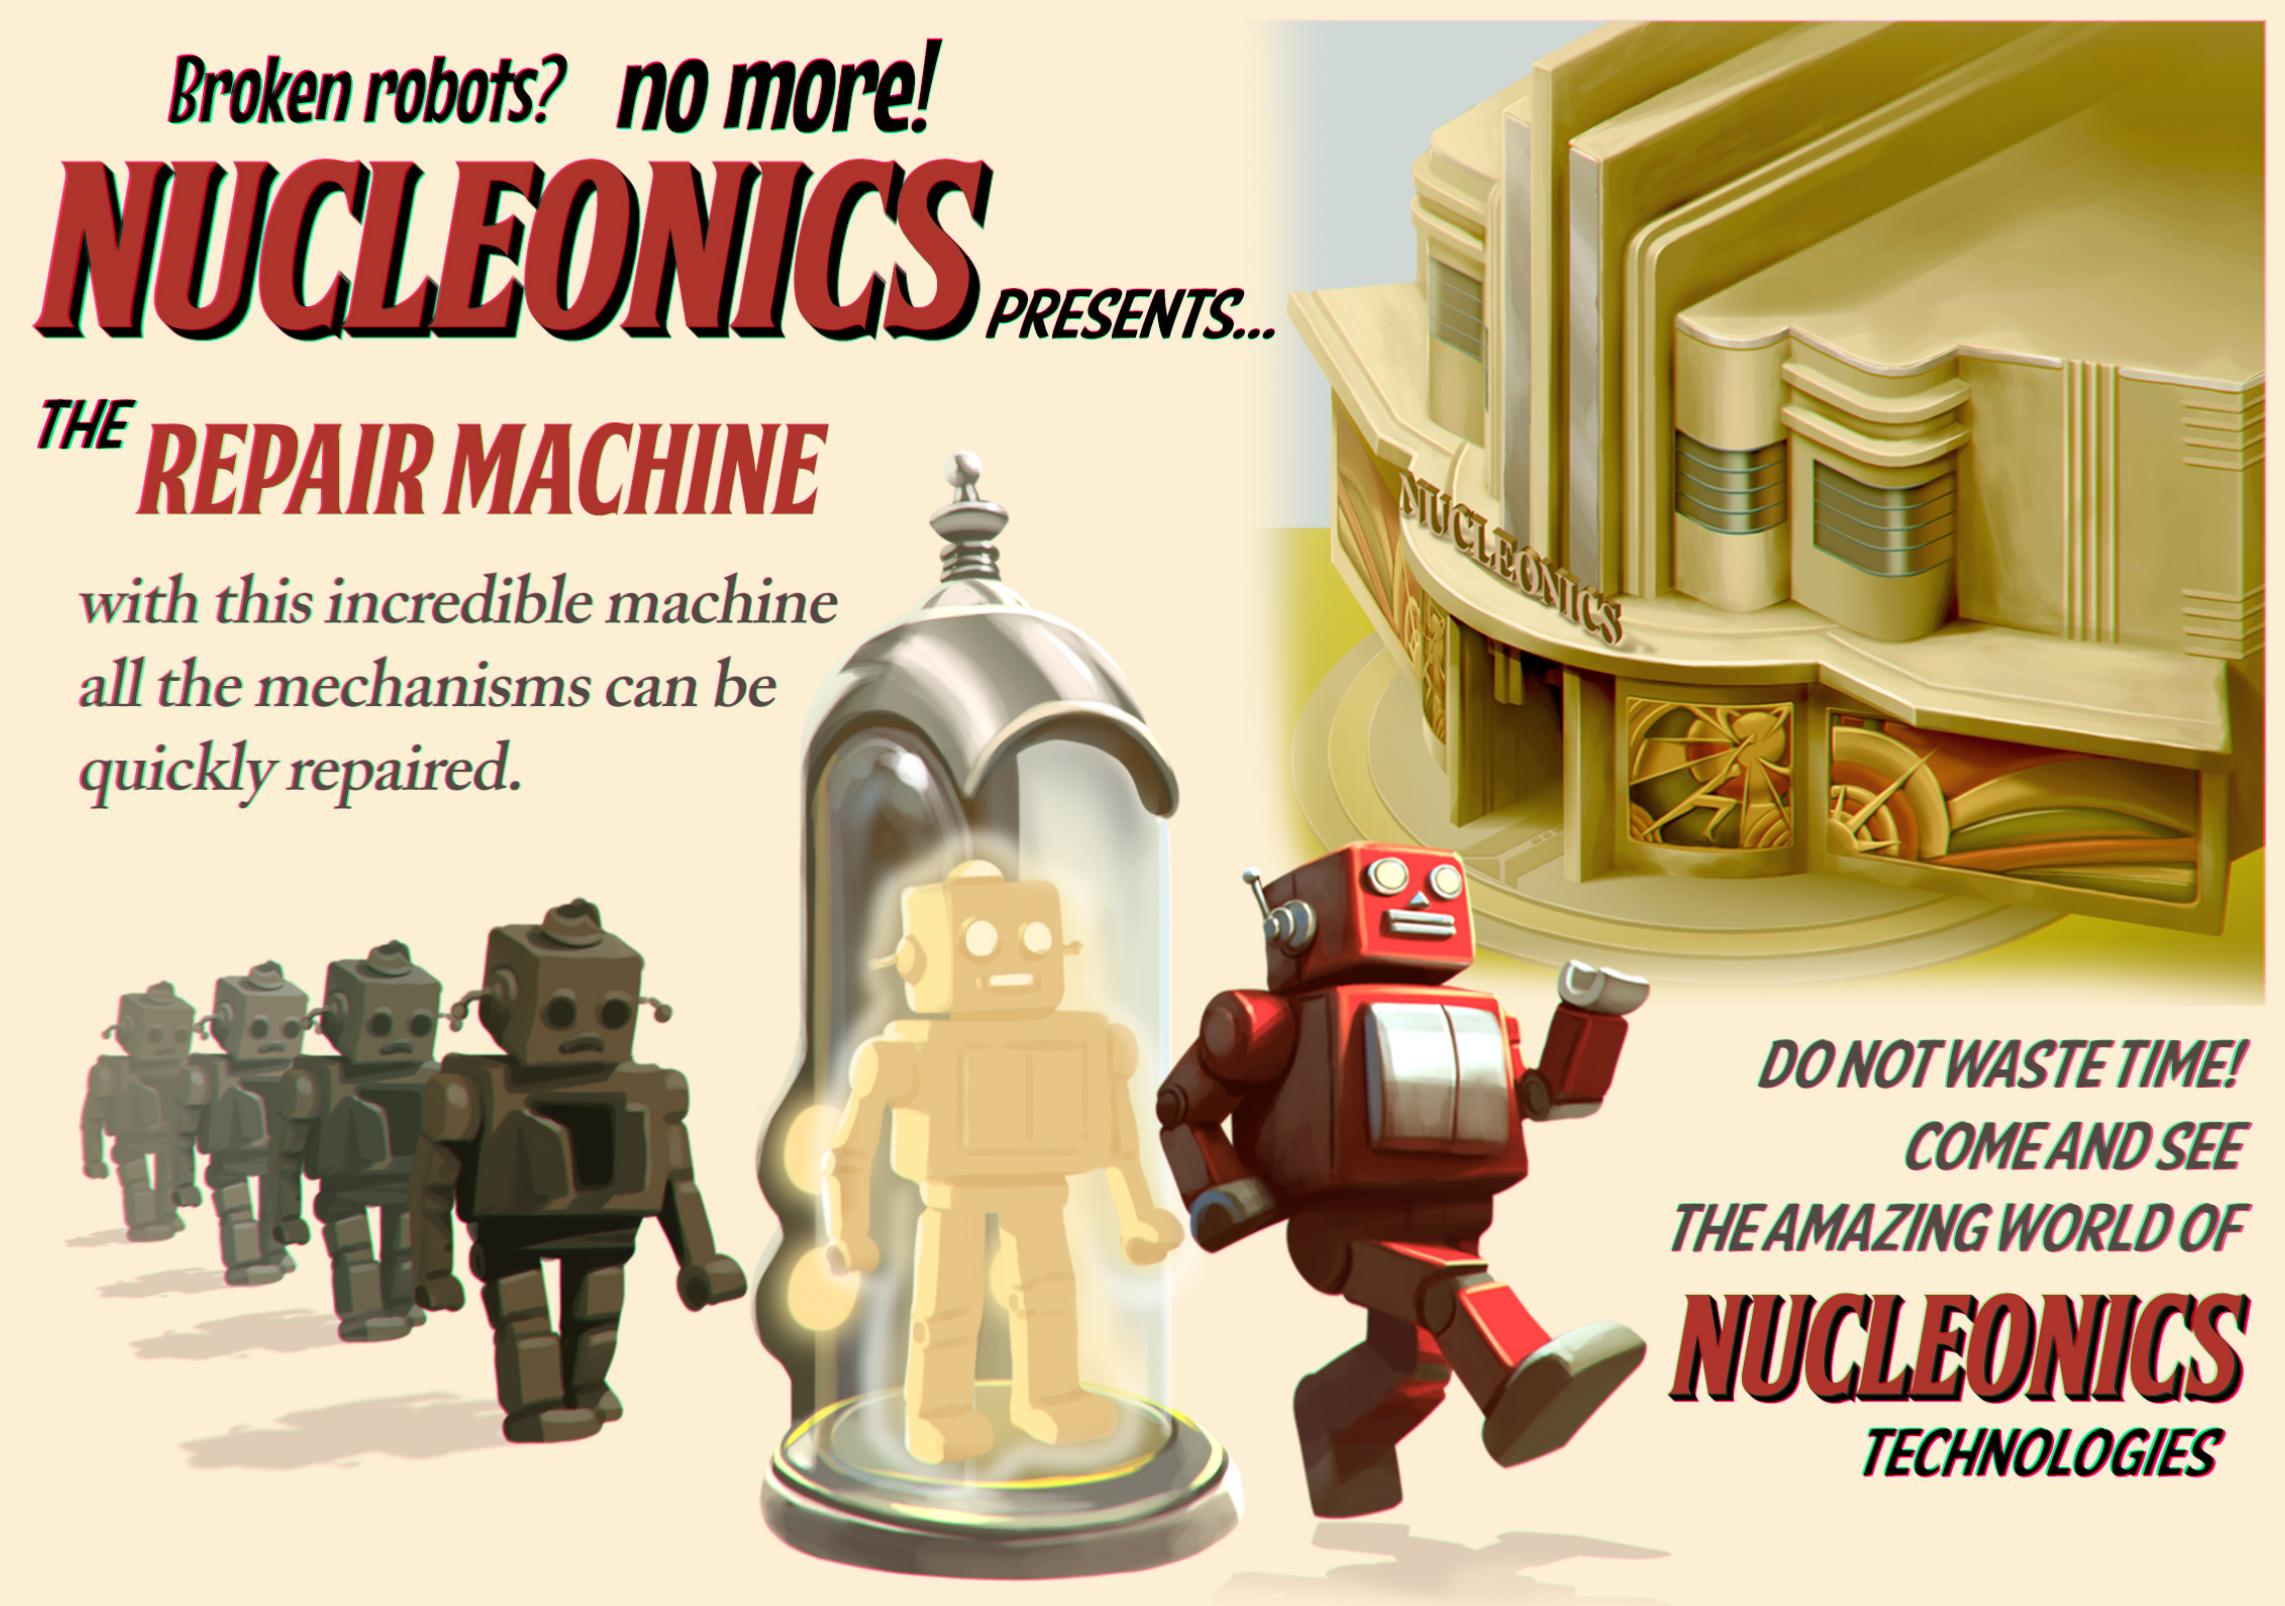 nucleonics ads